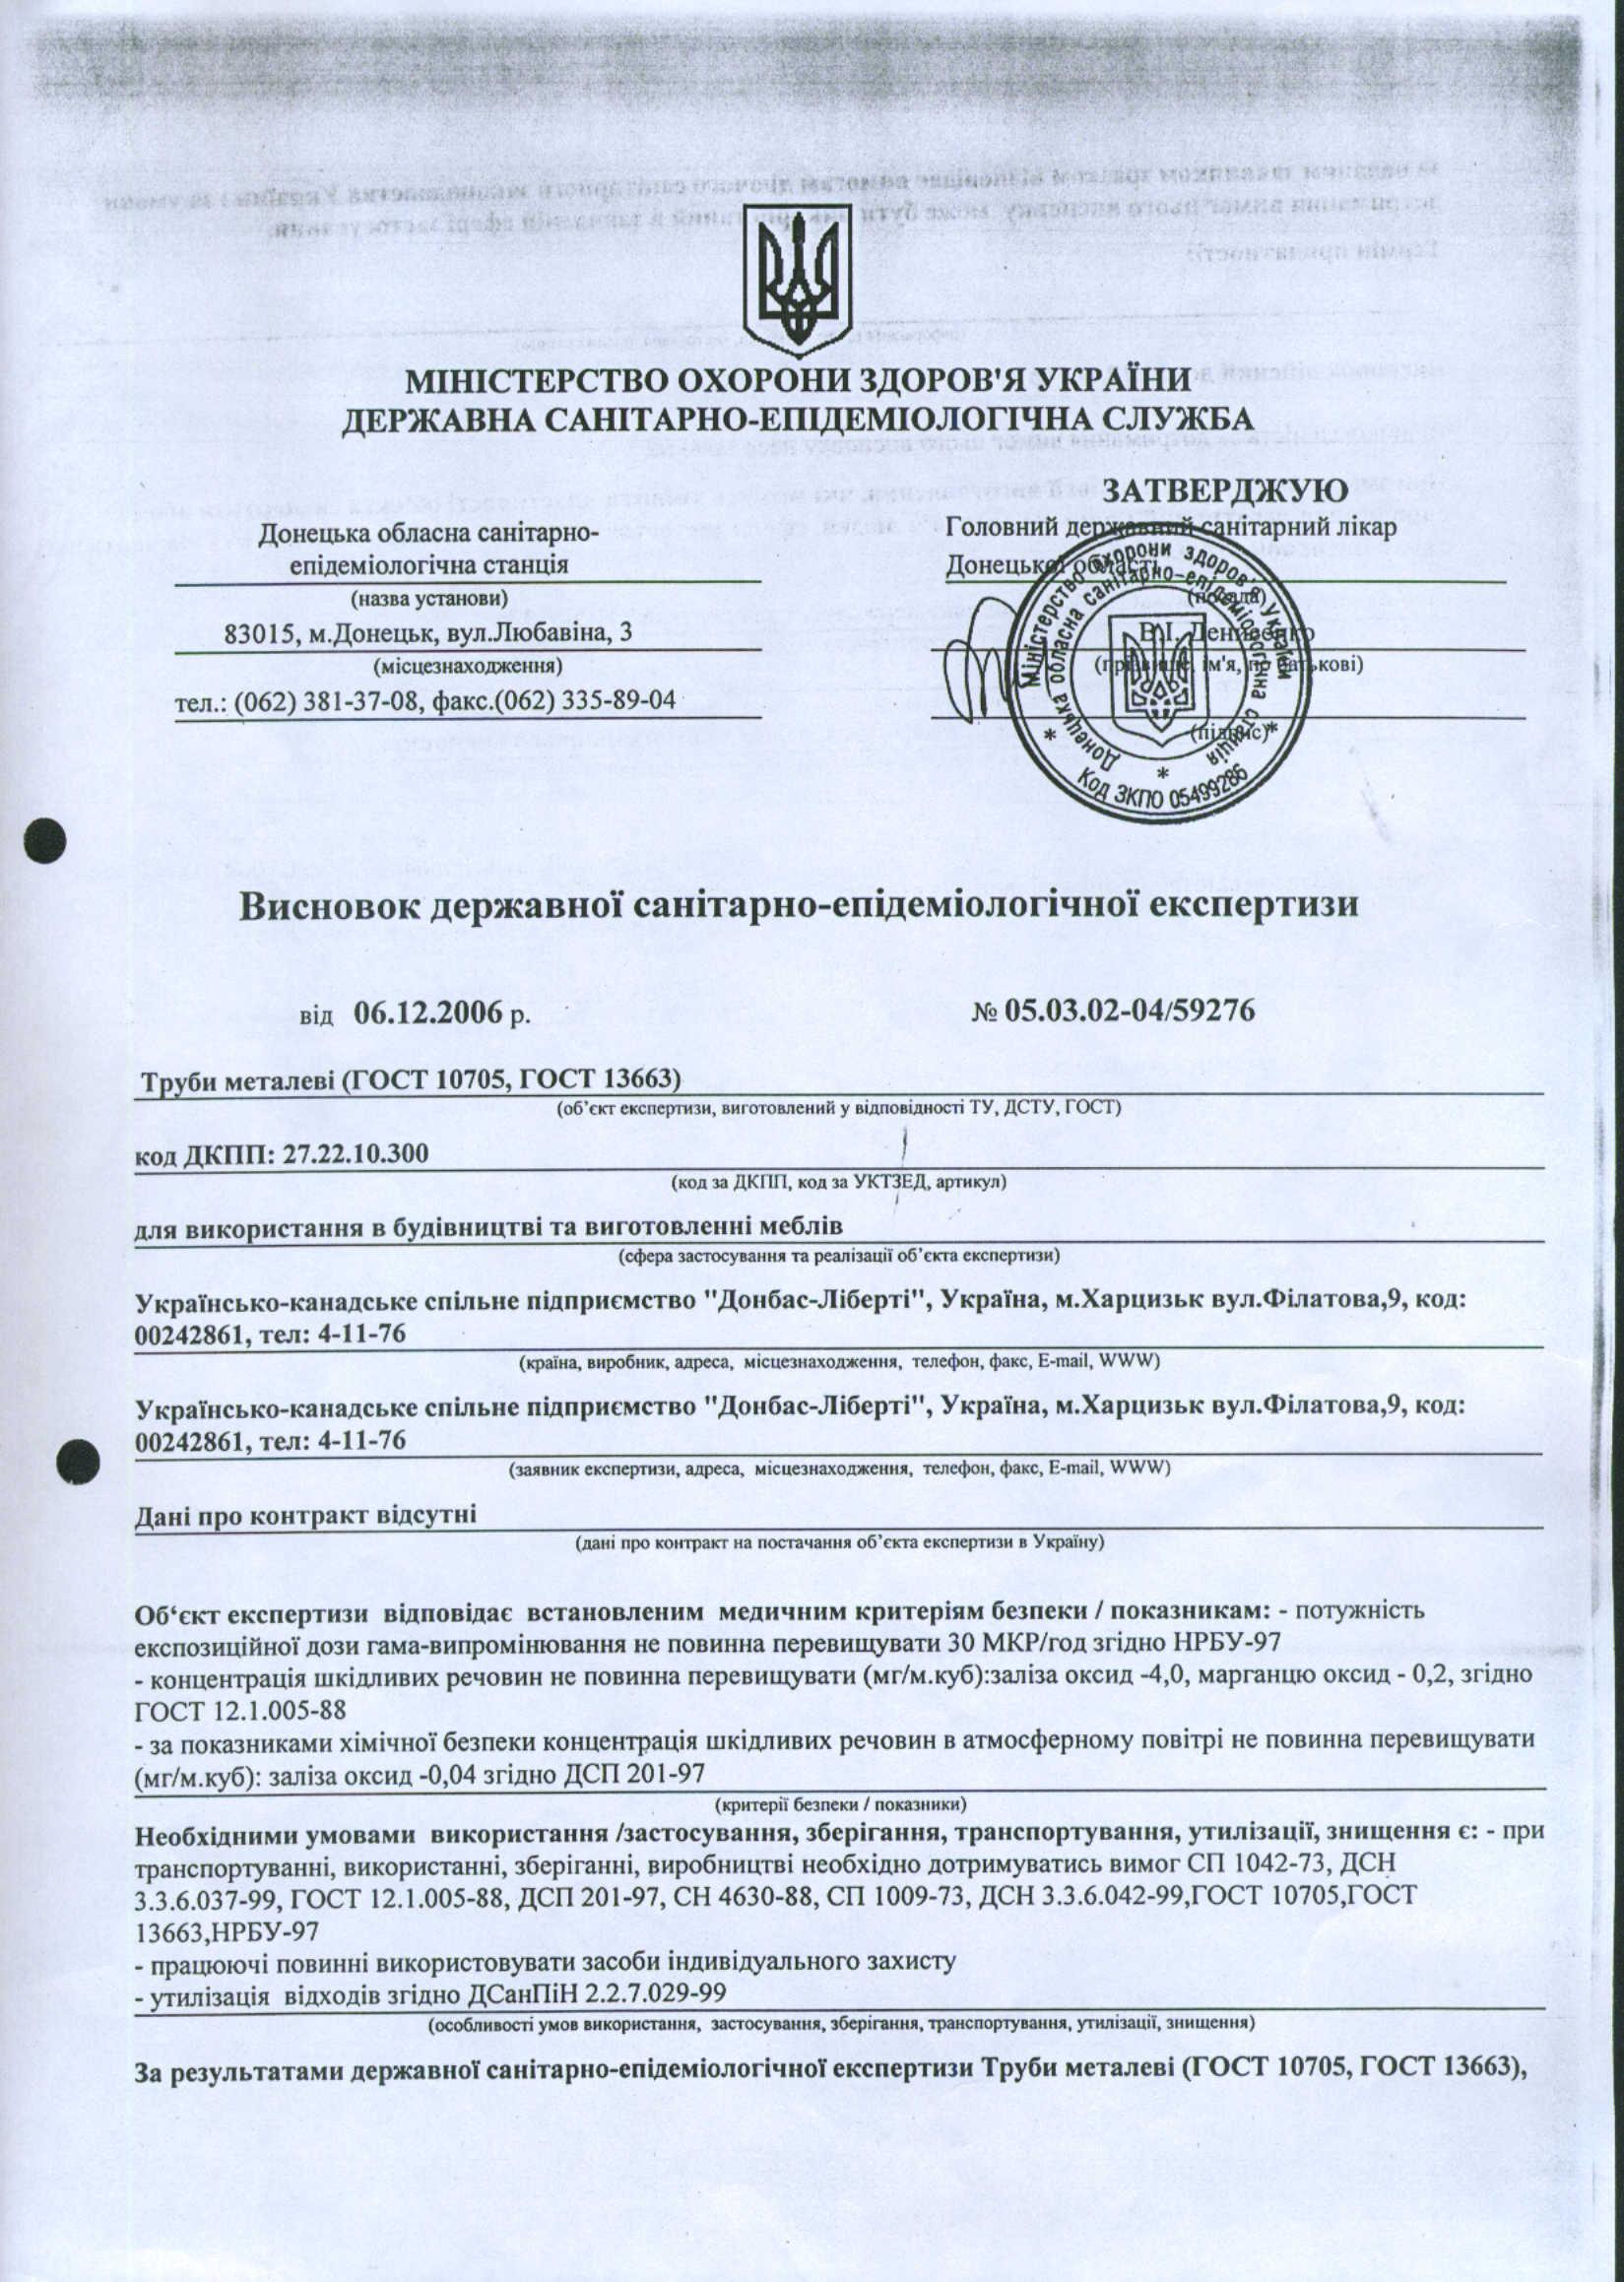 Заключение санитарно-гигиенической экспертизы на металлические трубы.